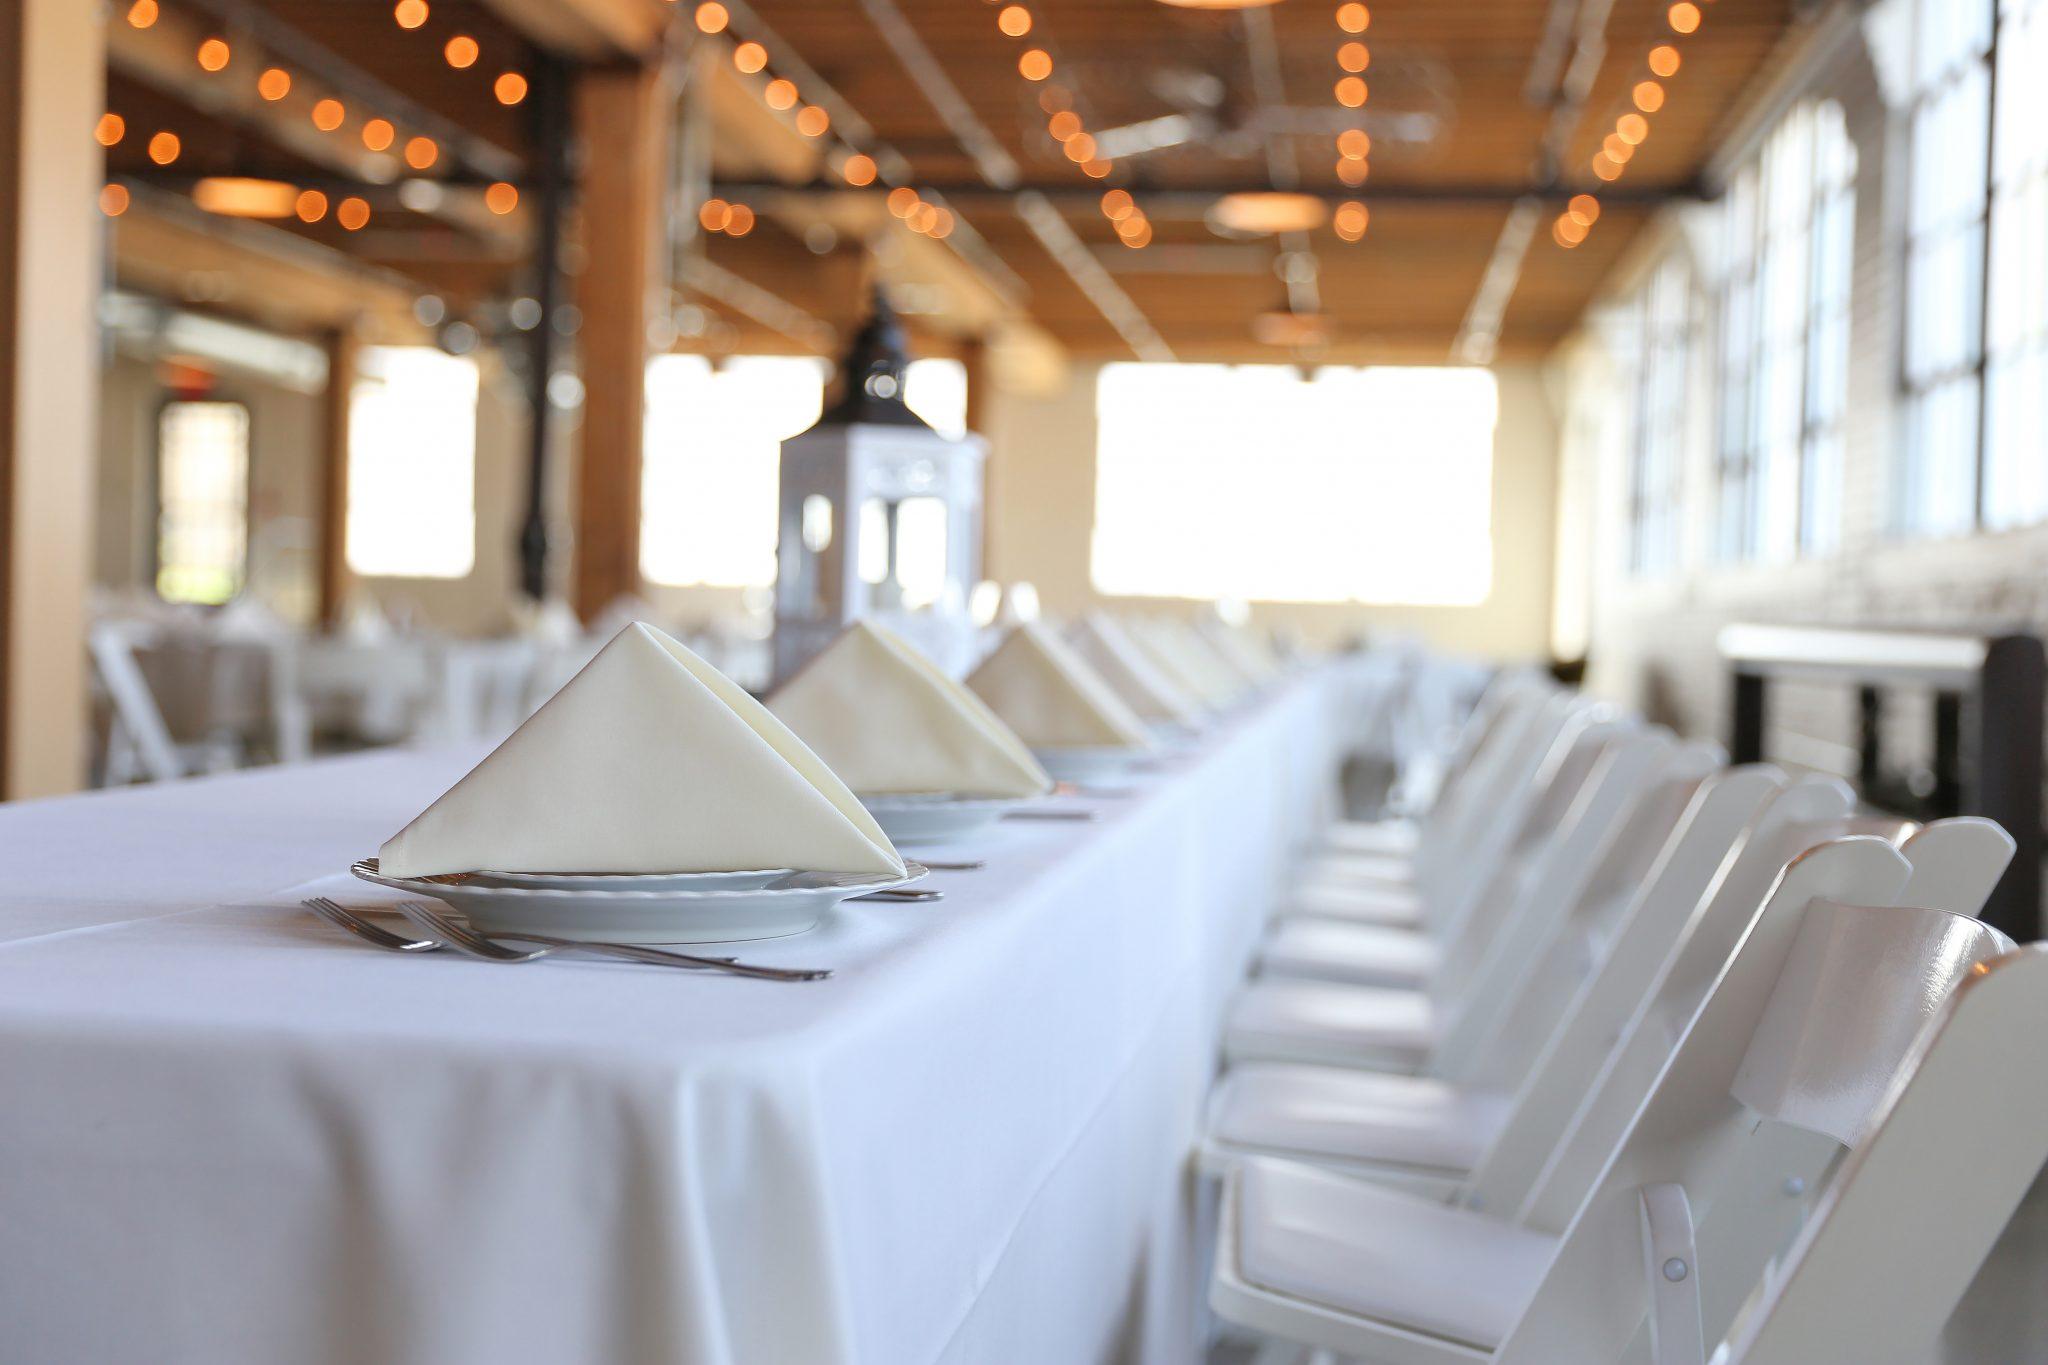 Wedding Venue Questions And Checklist Tagvenue Com